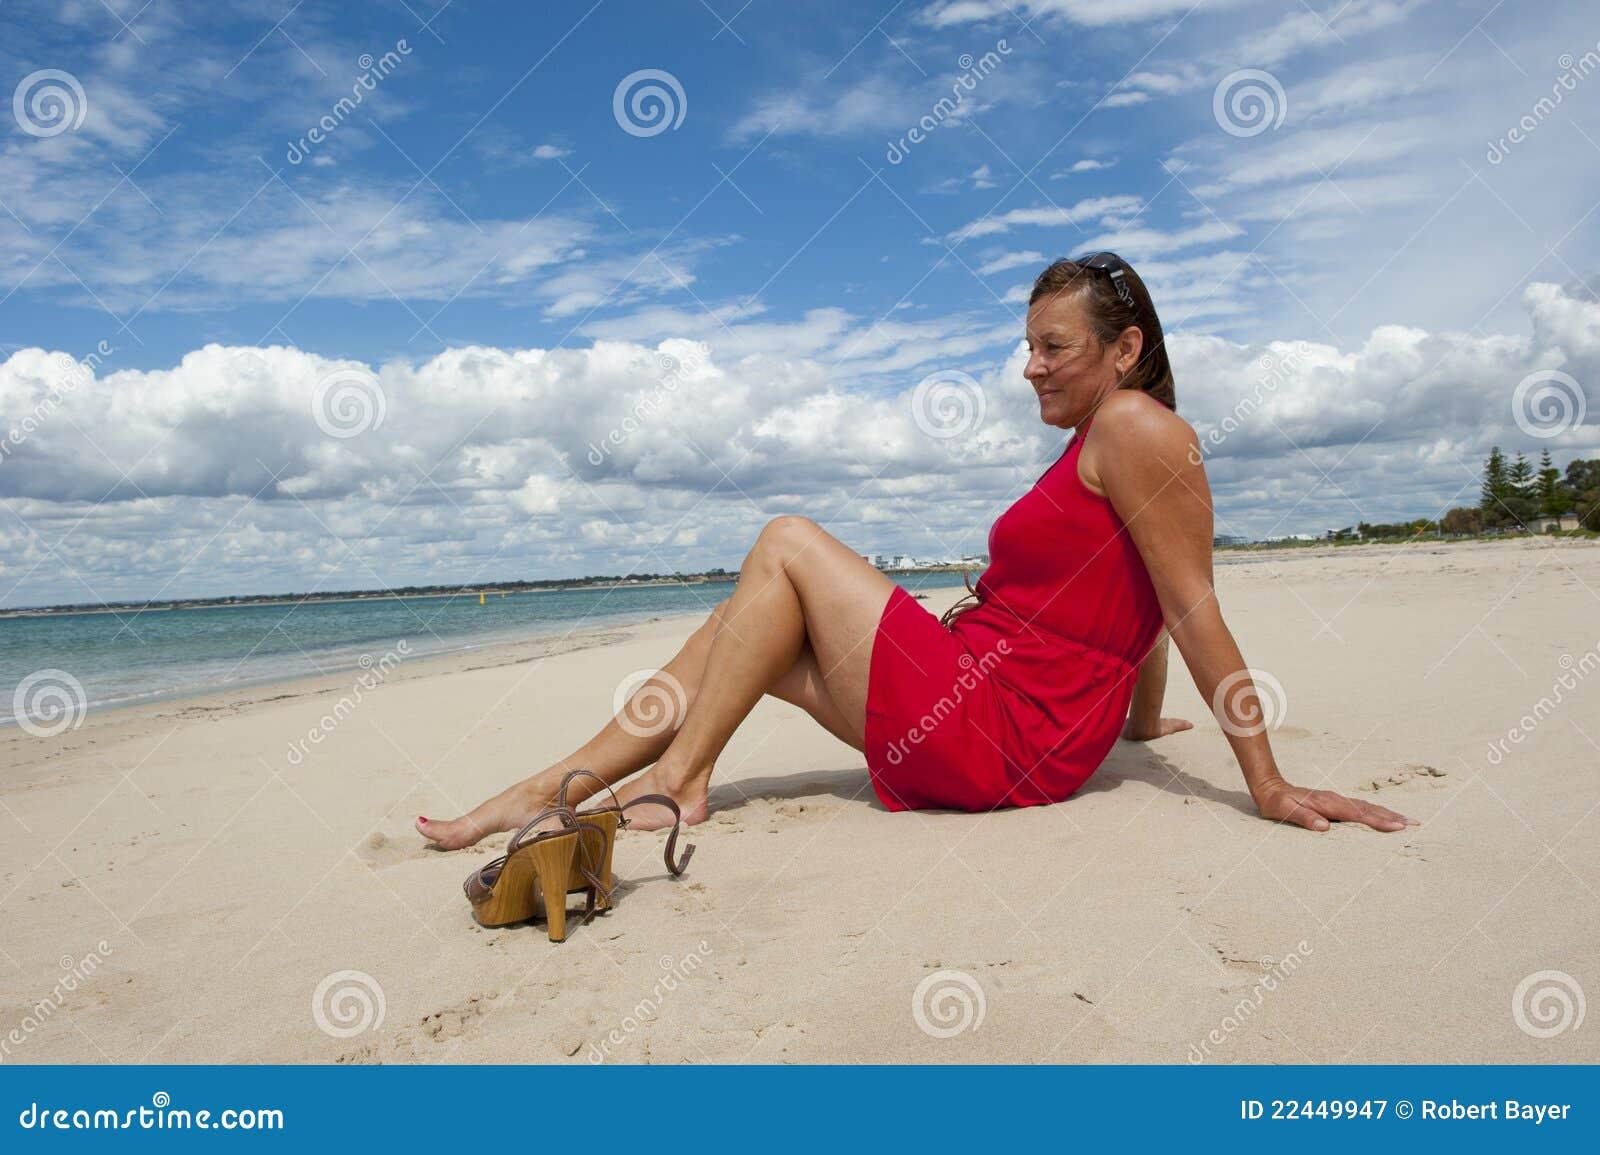 Robe de plage rouge